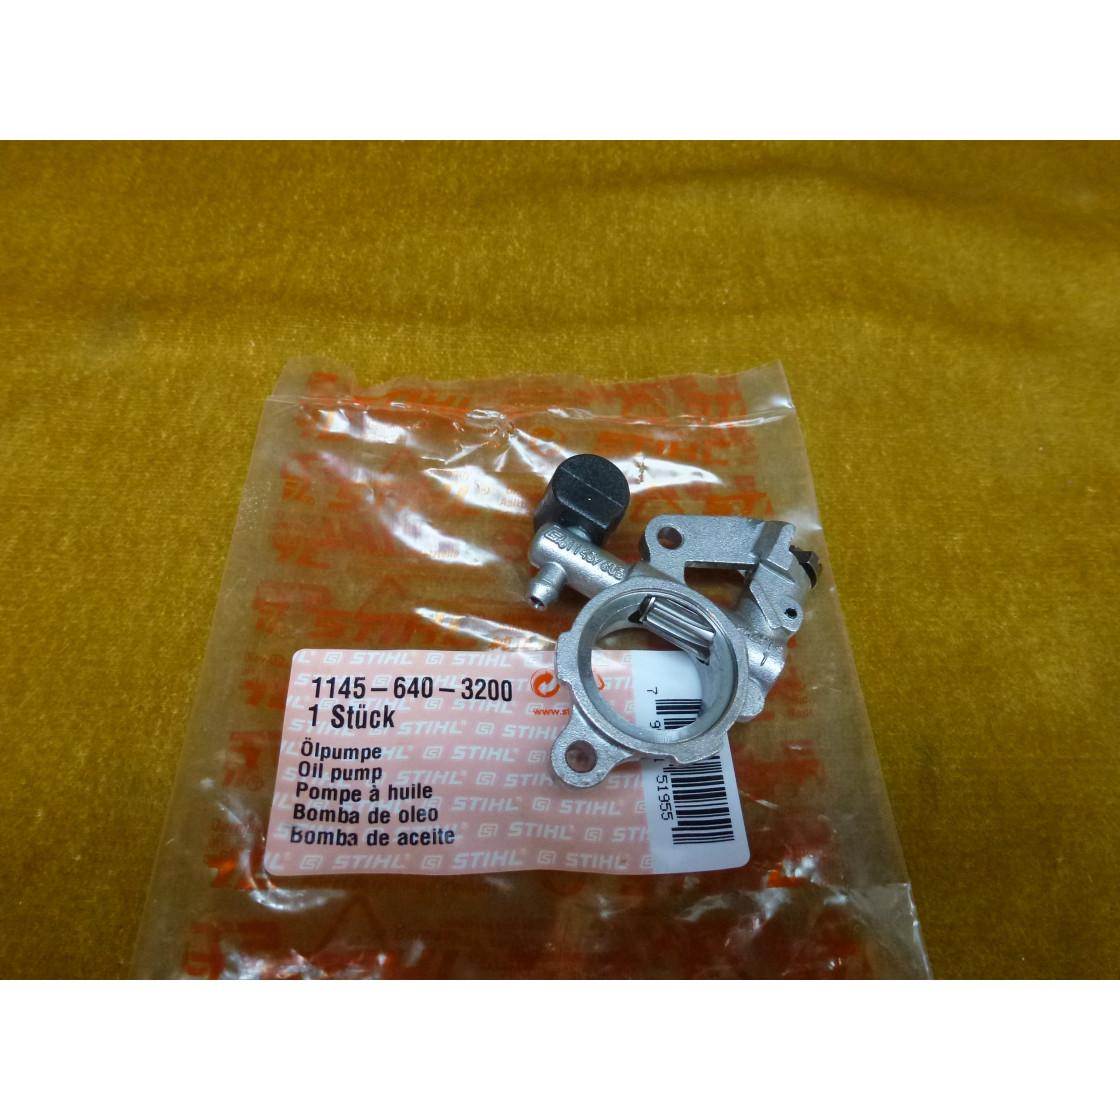 NEU Original Stihl MS 201 MS 201T Ölpumpe 1145 640 3200